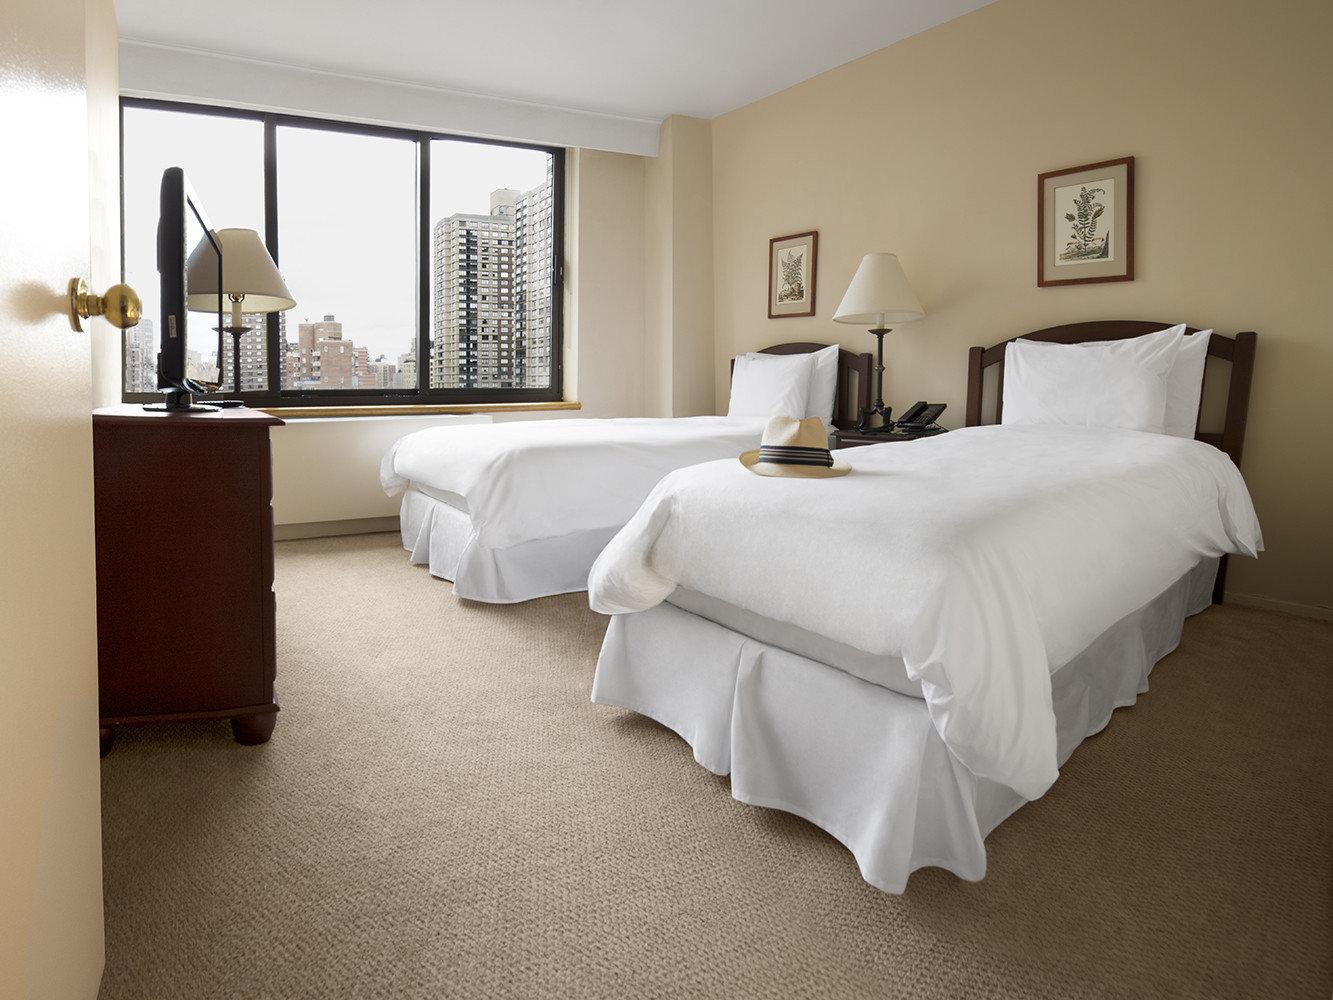 Bedroom property Suite bed sheet textile bed frame